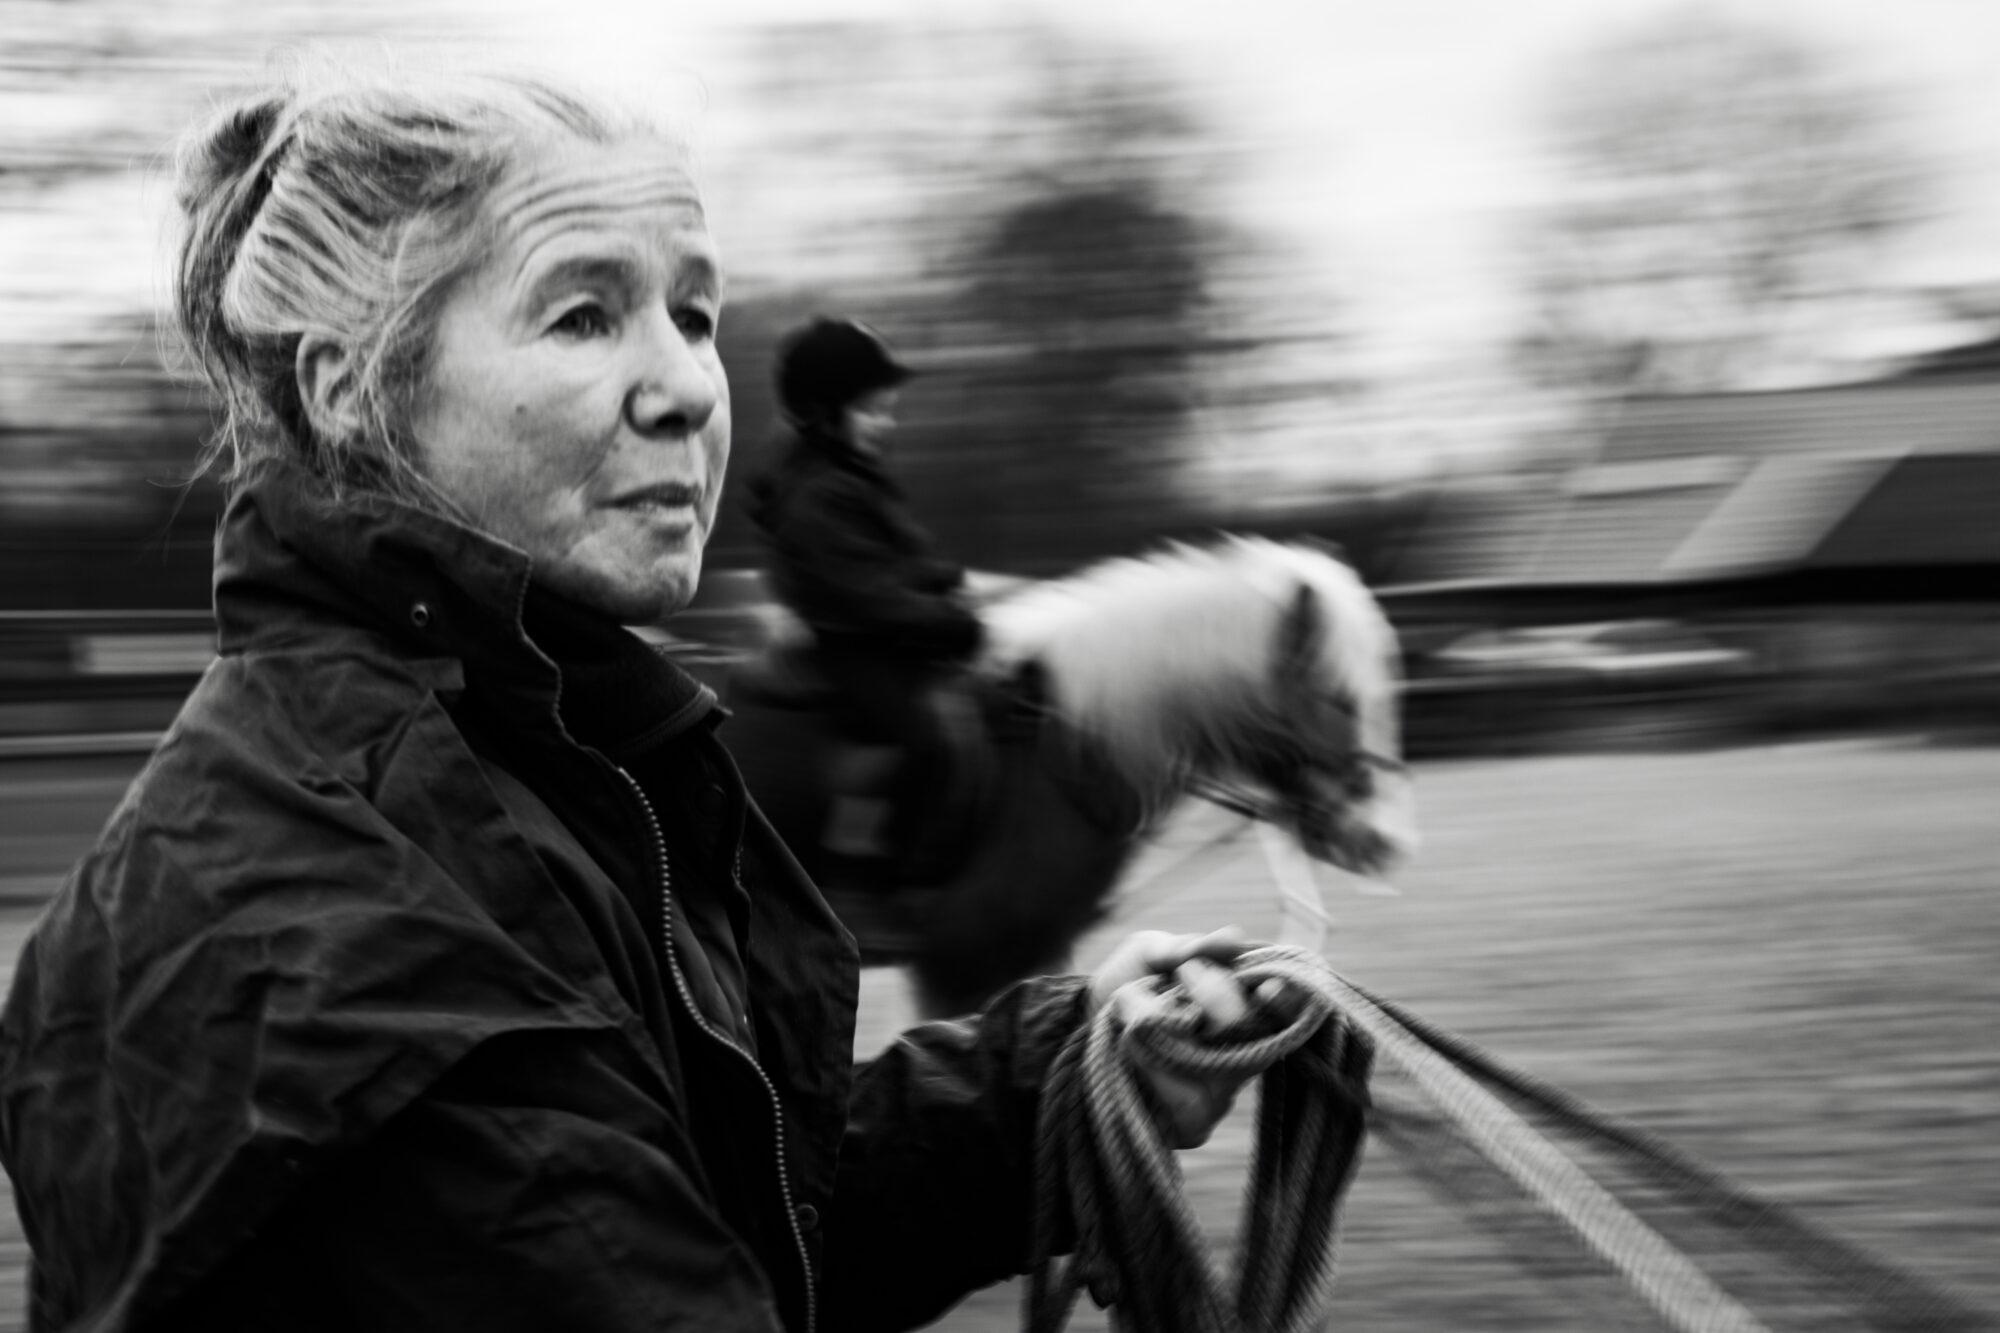 Fotoserie rond inwoners van Zutphen